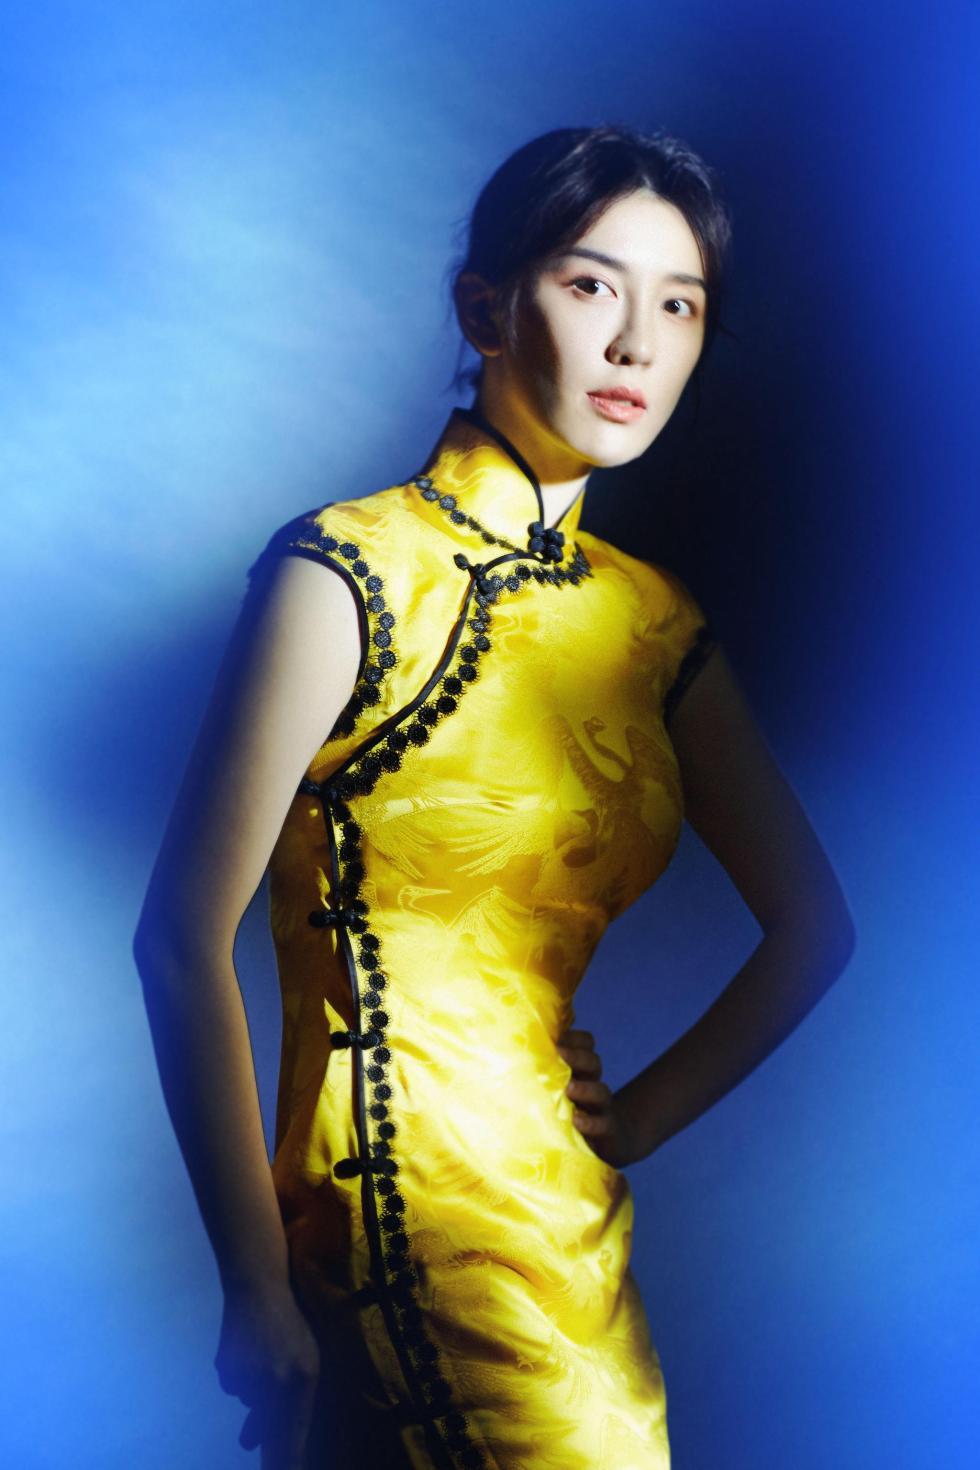 吕佳容黄色旗袍尽显曼妙身姿 光影交错间演绎梦幻风情